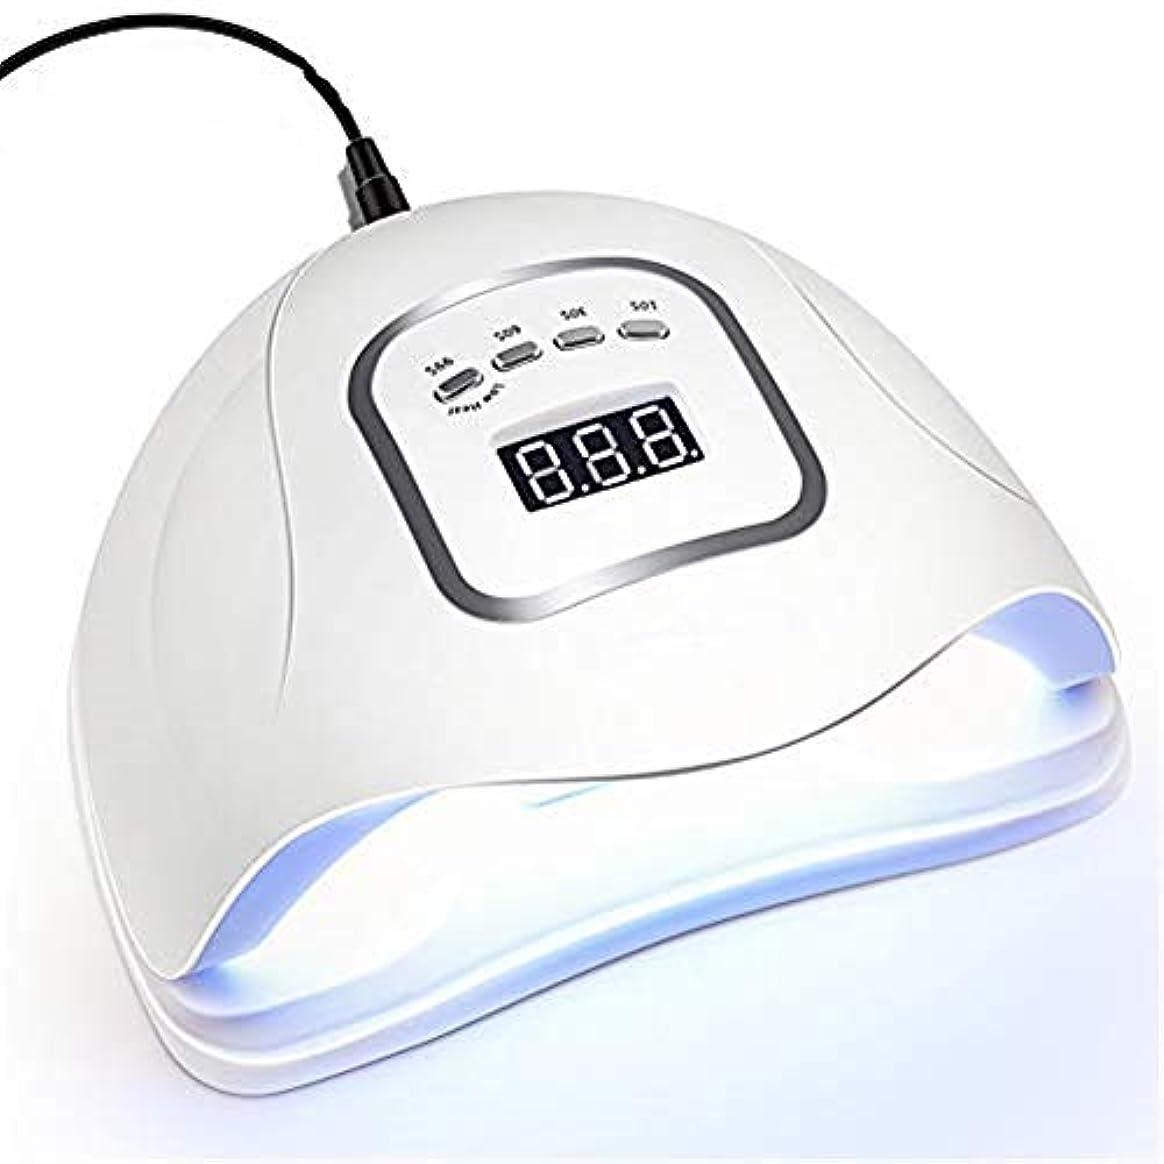 晴れ特派員コック45個のランプビーズ付きUV LEDネイルランプ、すべてのジェルポリッシュ用の高速ネイルドライヤー、自動センサー付きマニキュア用UV光カットランプ&4つのタイマー、LCDディスプレイ